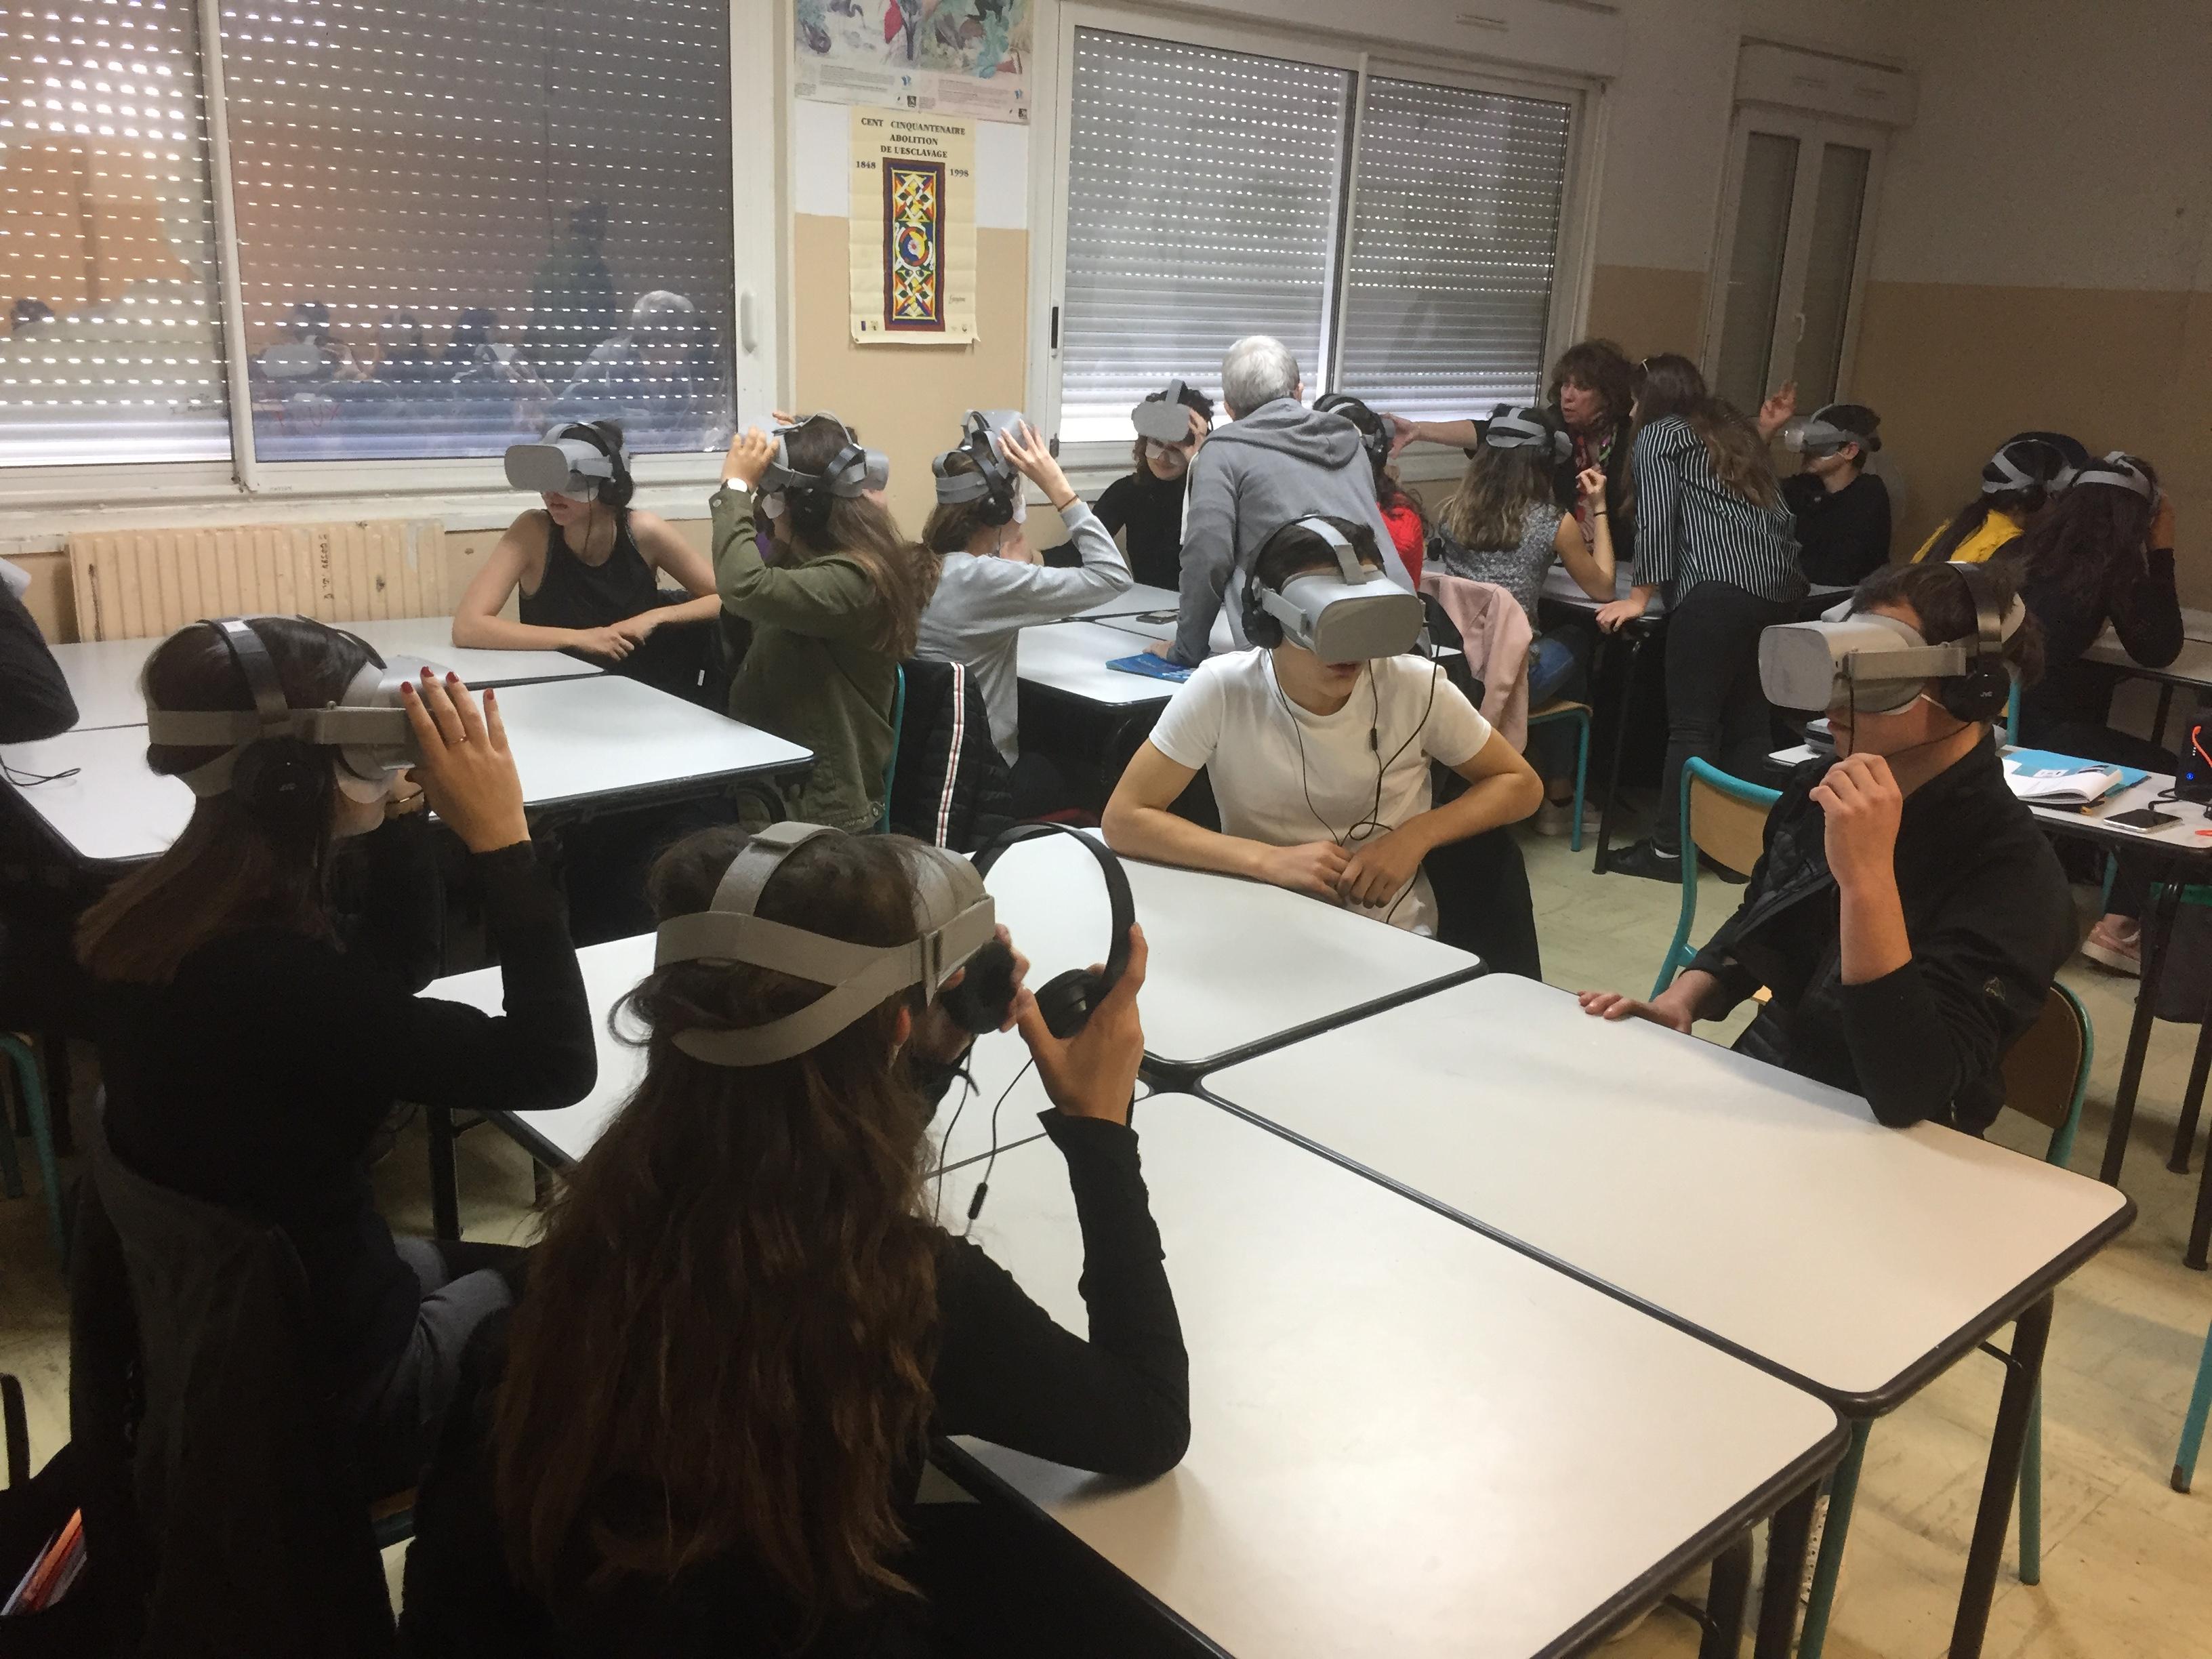 """Opération """"Bon sens, contre sens"""" pour des élèves de Seconde du lycée Giocante de Casabianca à Bastia"""